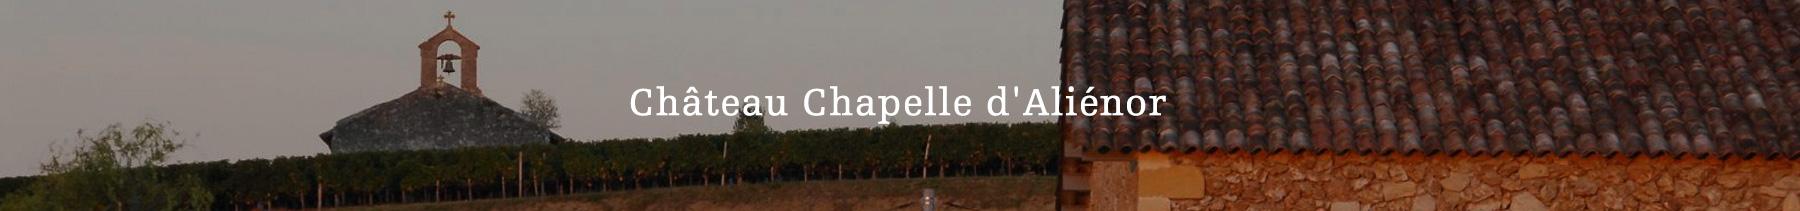 Château Chapelle d'Aliénor